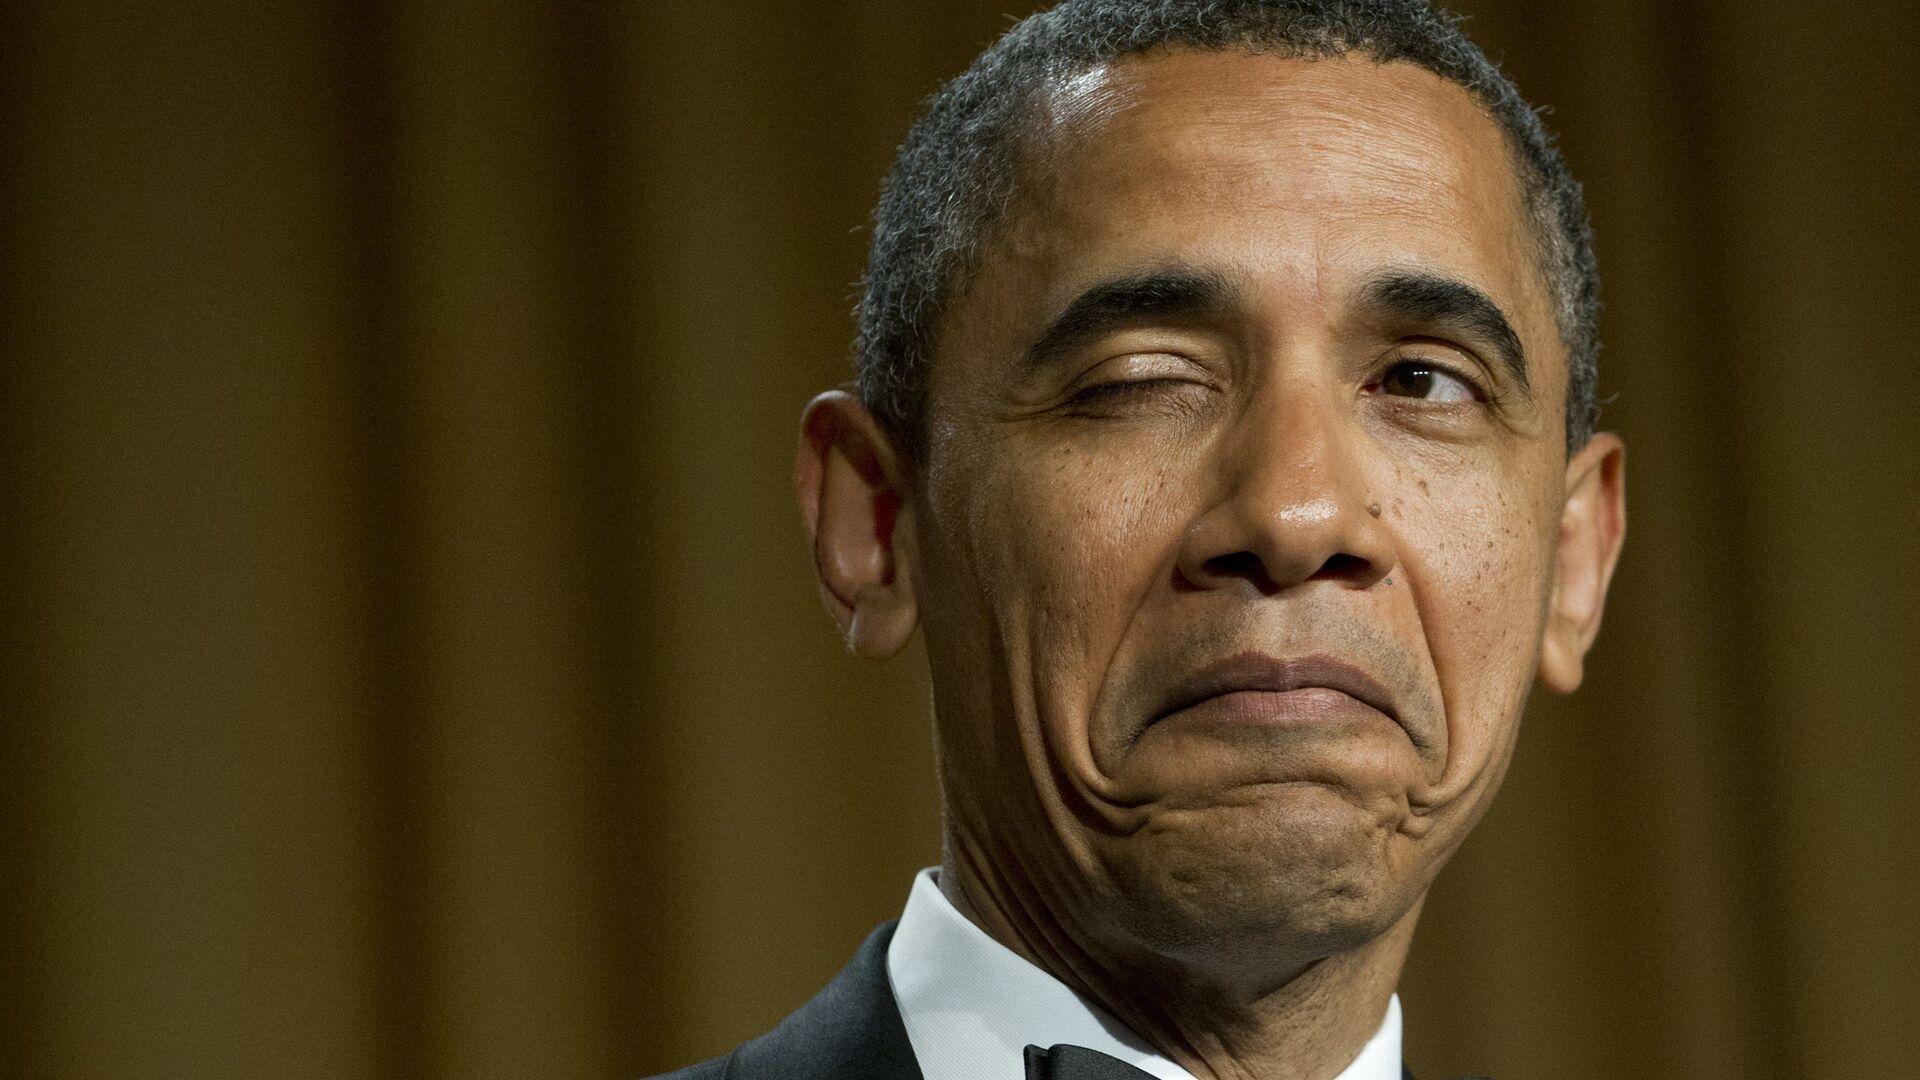 Президент США Барак Обама подмигивает, рассказывая анекдот о месте своего рождения во время ужина Ассоциации корреспондентов Белого дома в Вашингтоне, 2012 год  - Sputnik Česká republika, 1920, 09.08.2021